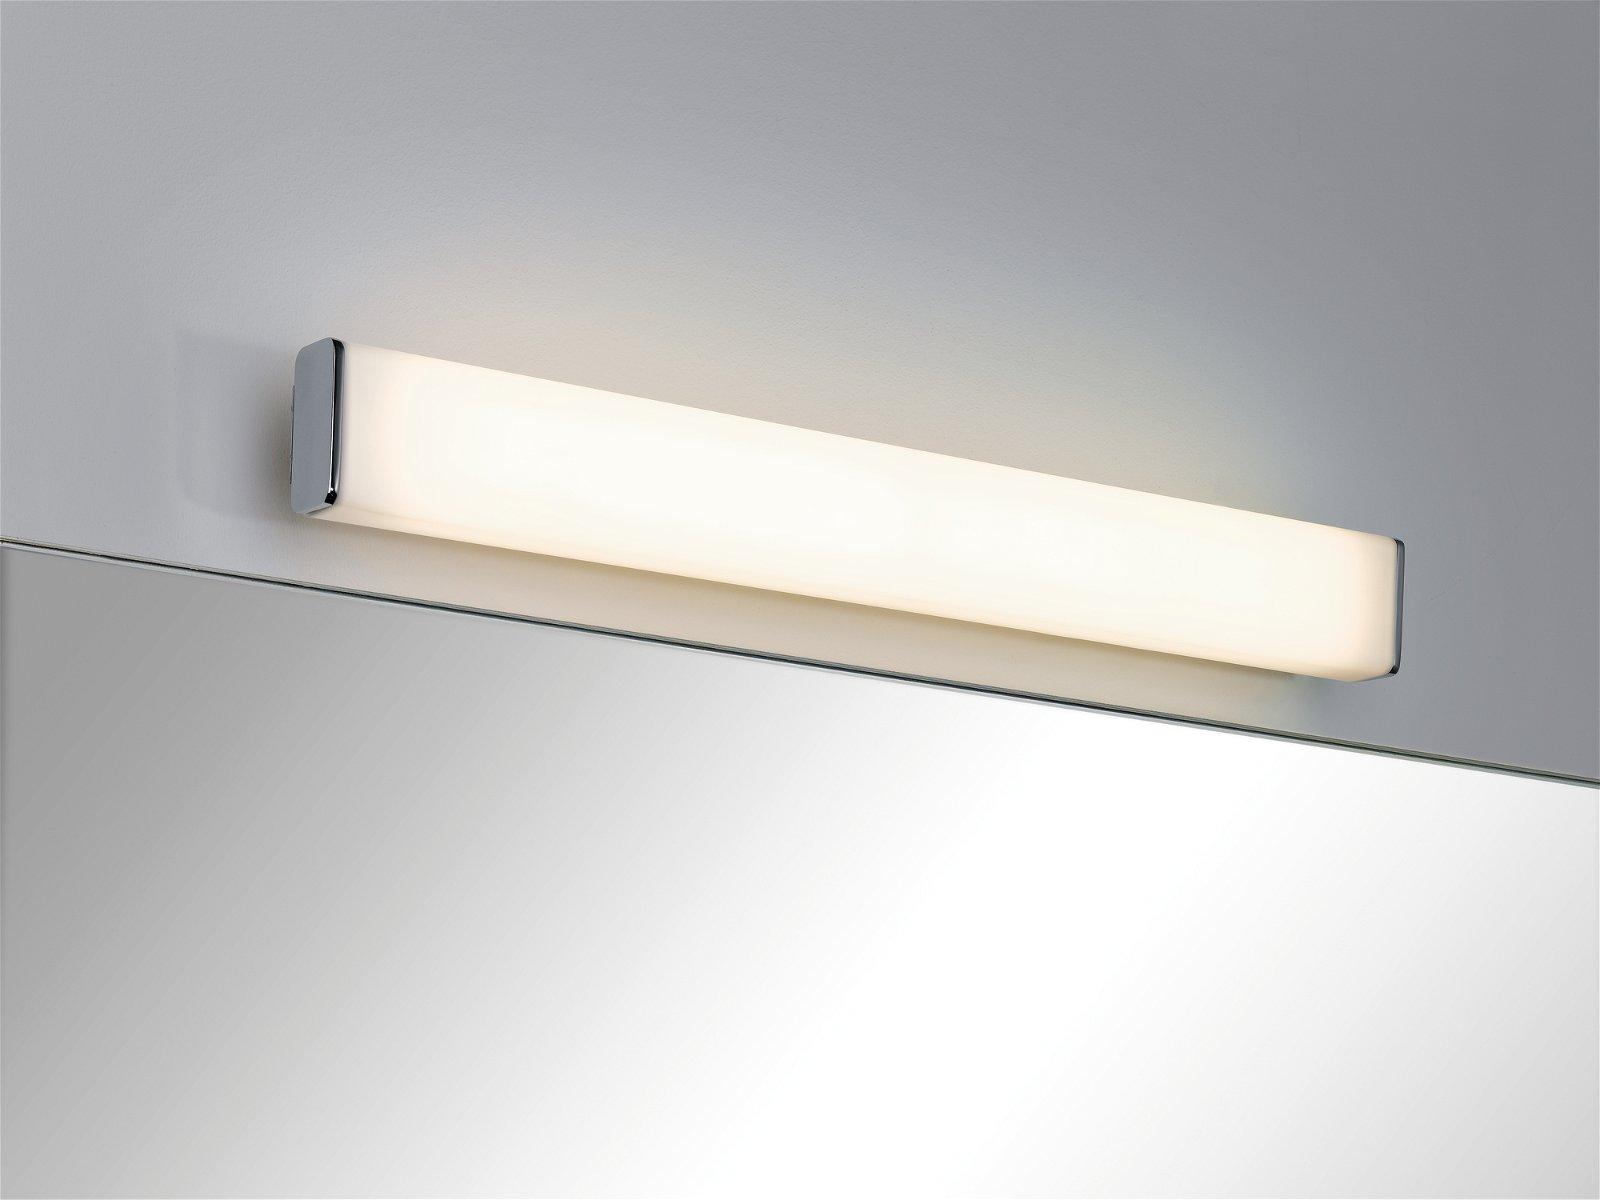 LED Wandleuchte Nembus IP44 3000K 600lm 230V 9W Chrom/Weiß